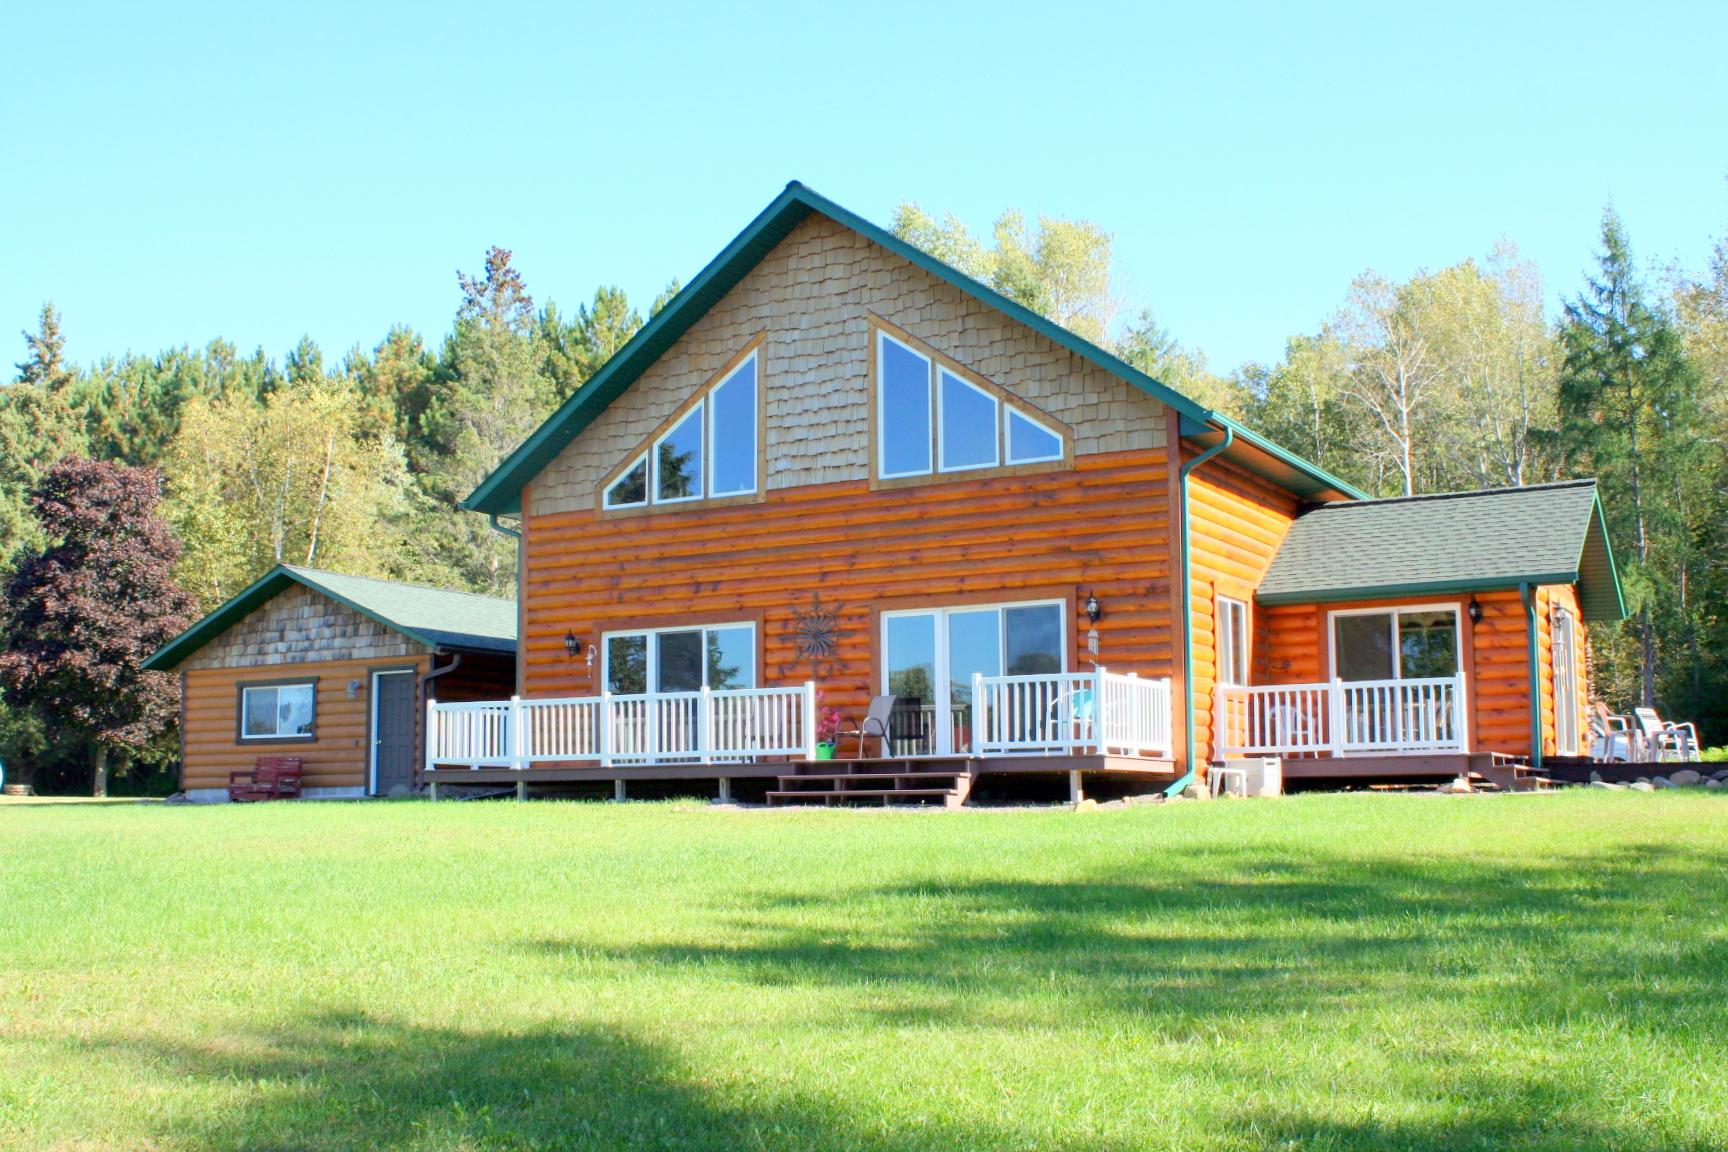 W7938 Pine Dr, Ladysmith, Wisconsin 54848